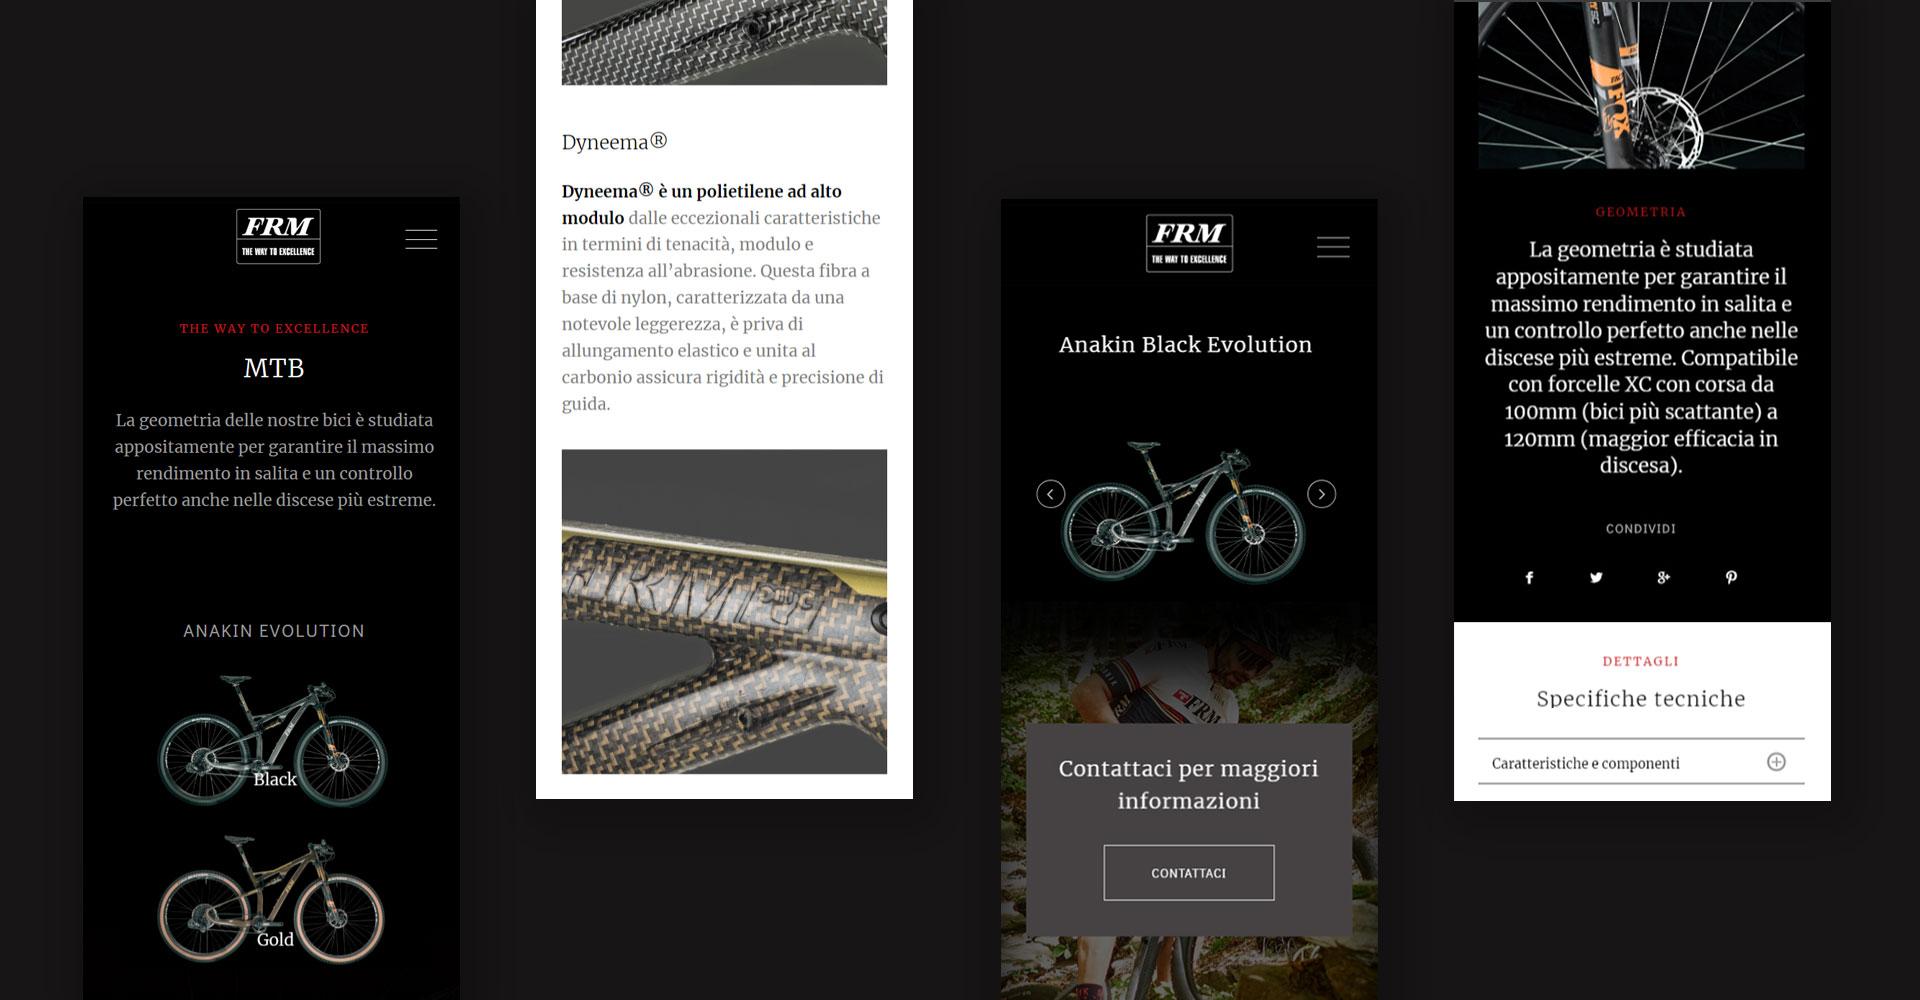 frm bike